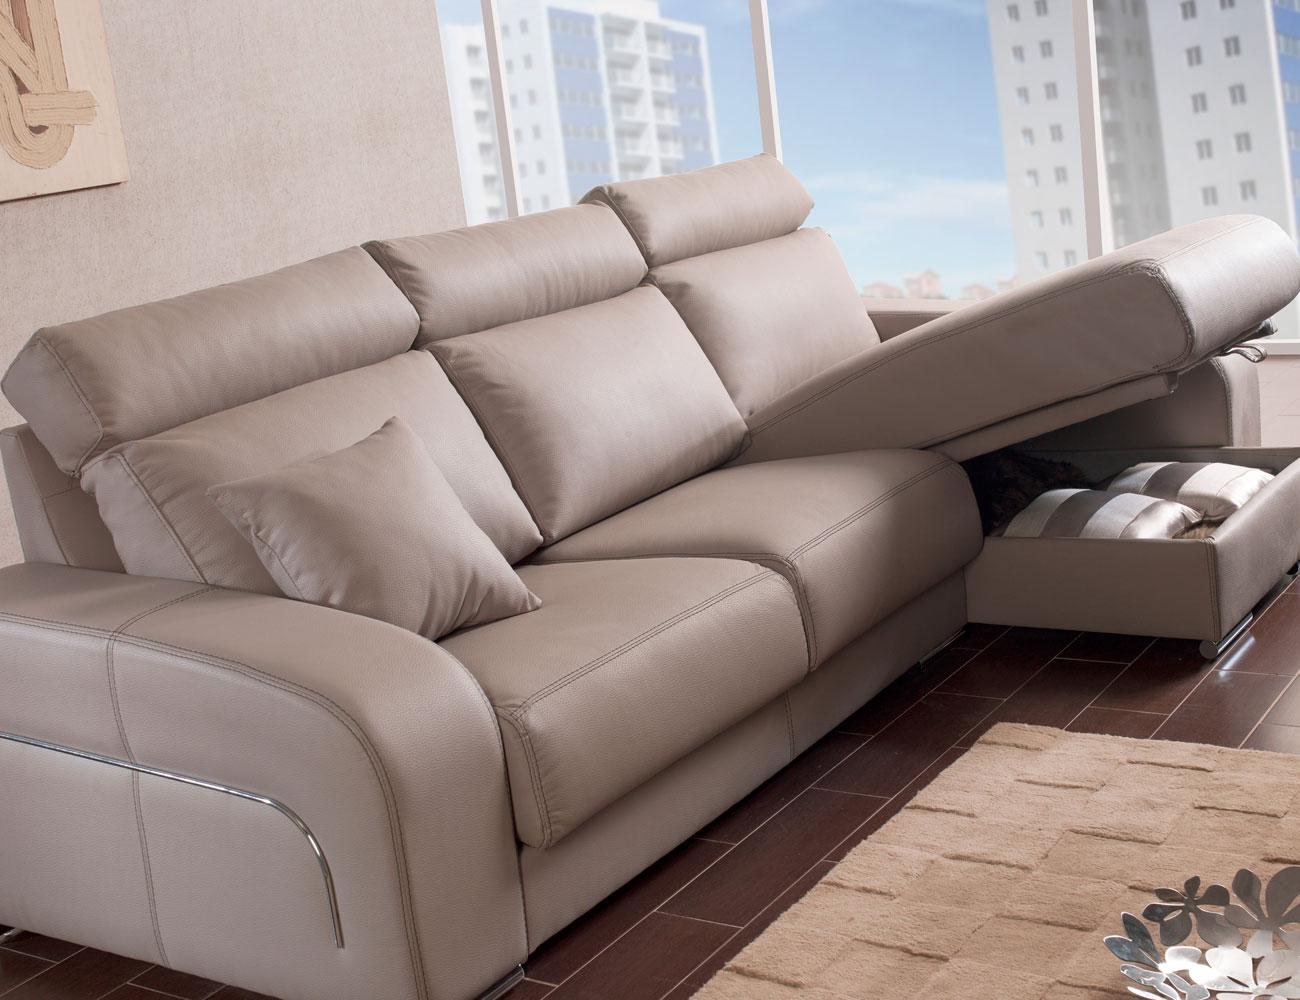 Sofa chaiselongue moderno pared cero arcon35